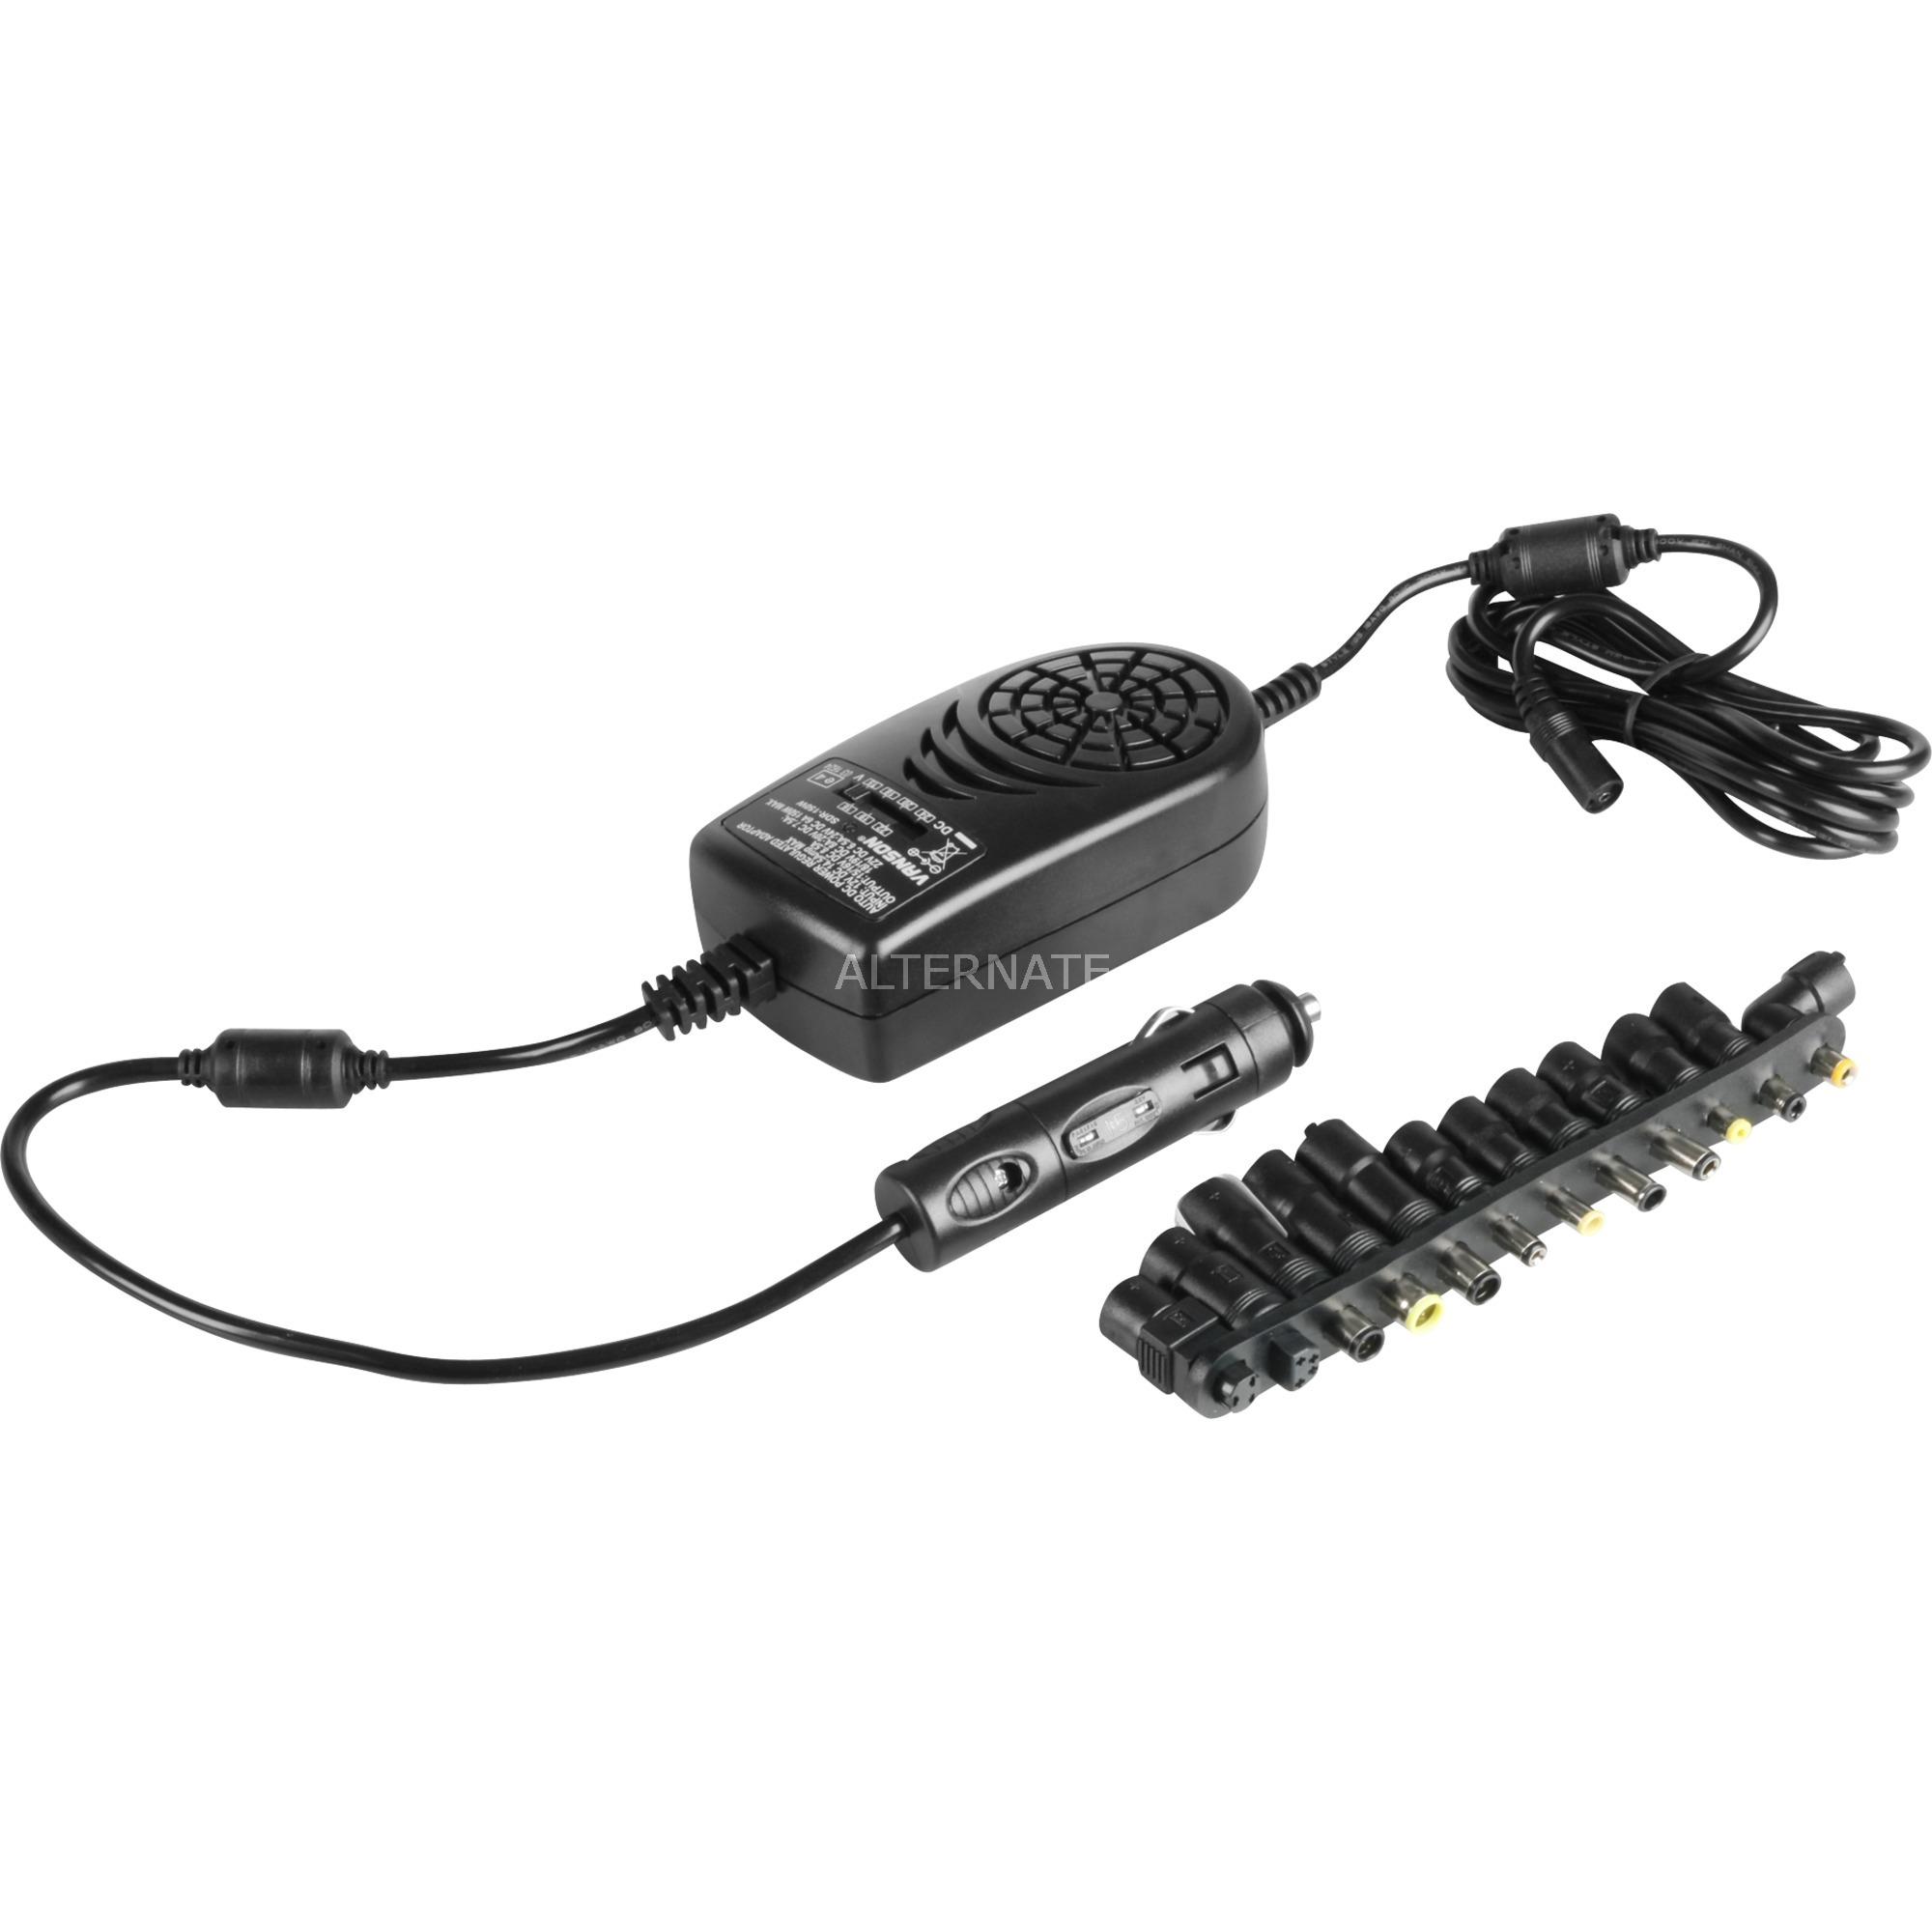 54747 adaptador e inversor de corriente 150 W Auto Negro, Fuente de alimentación